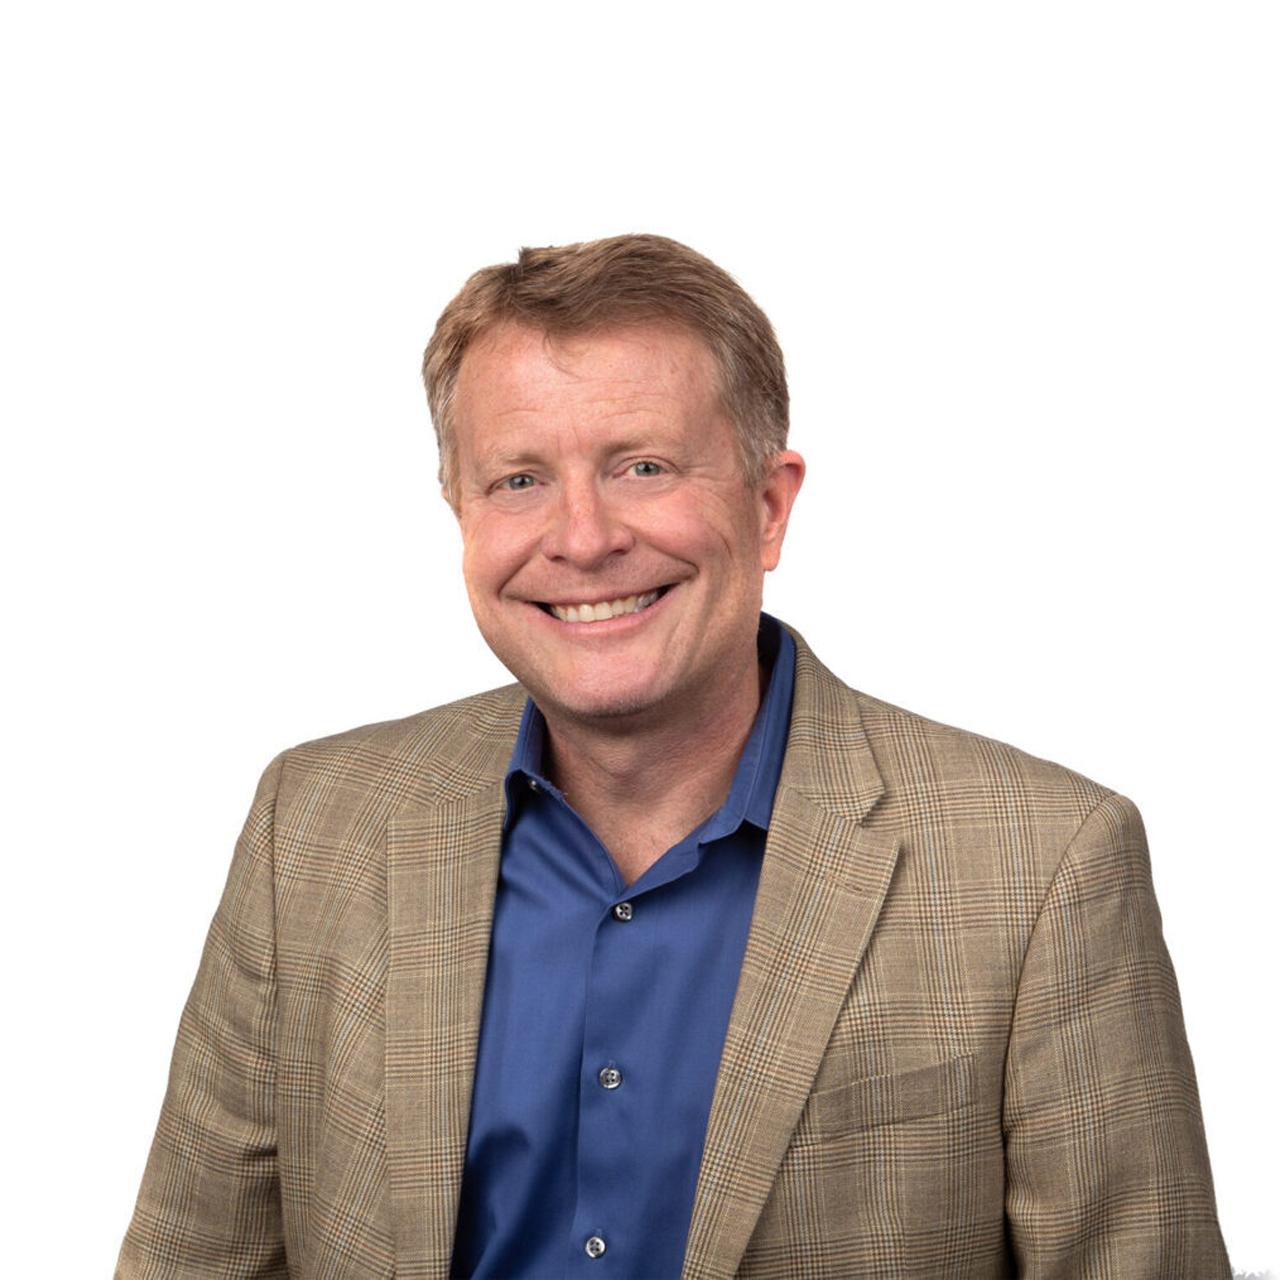 Stephen Wieland